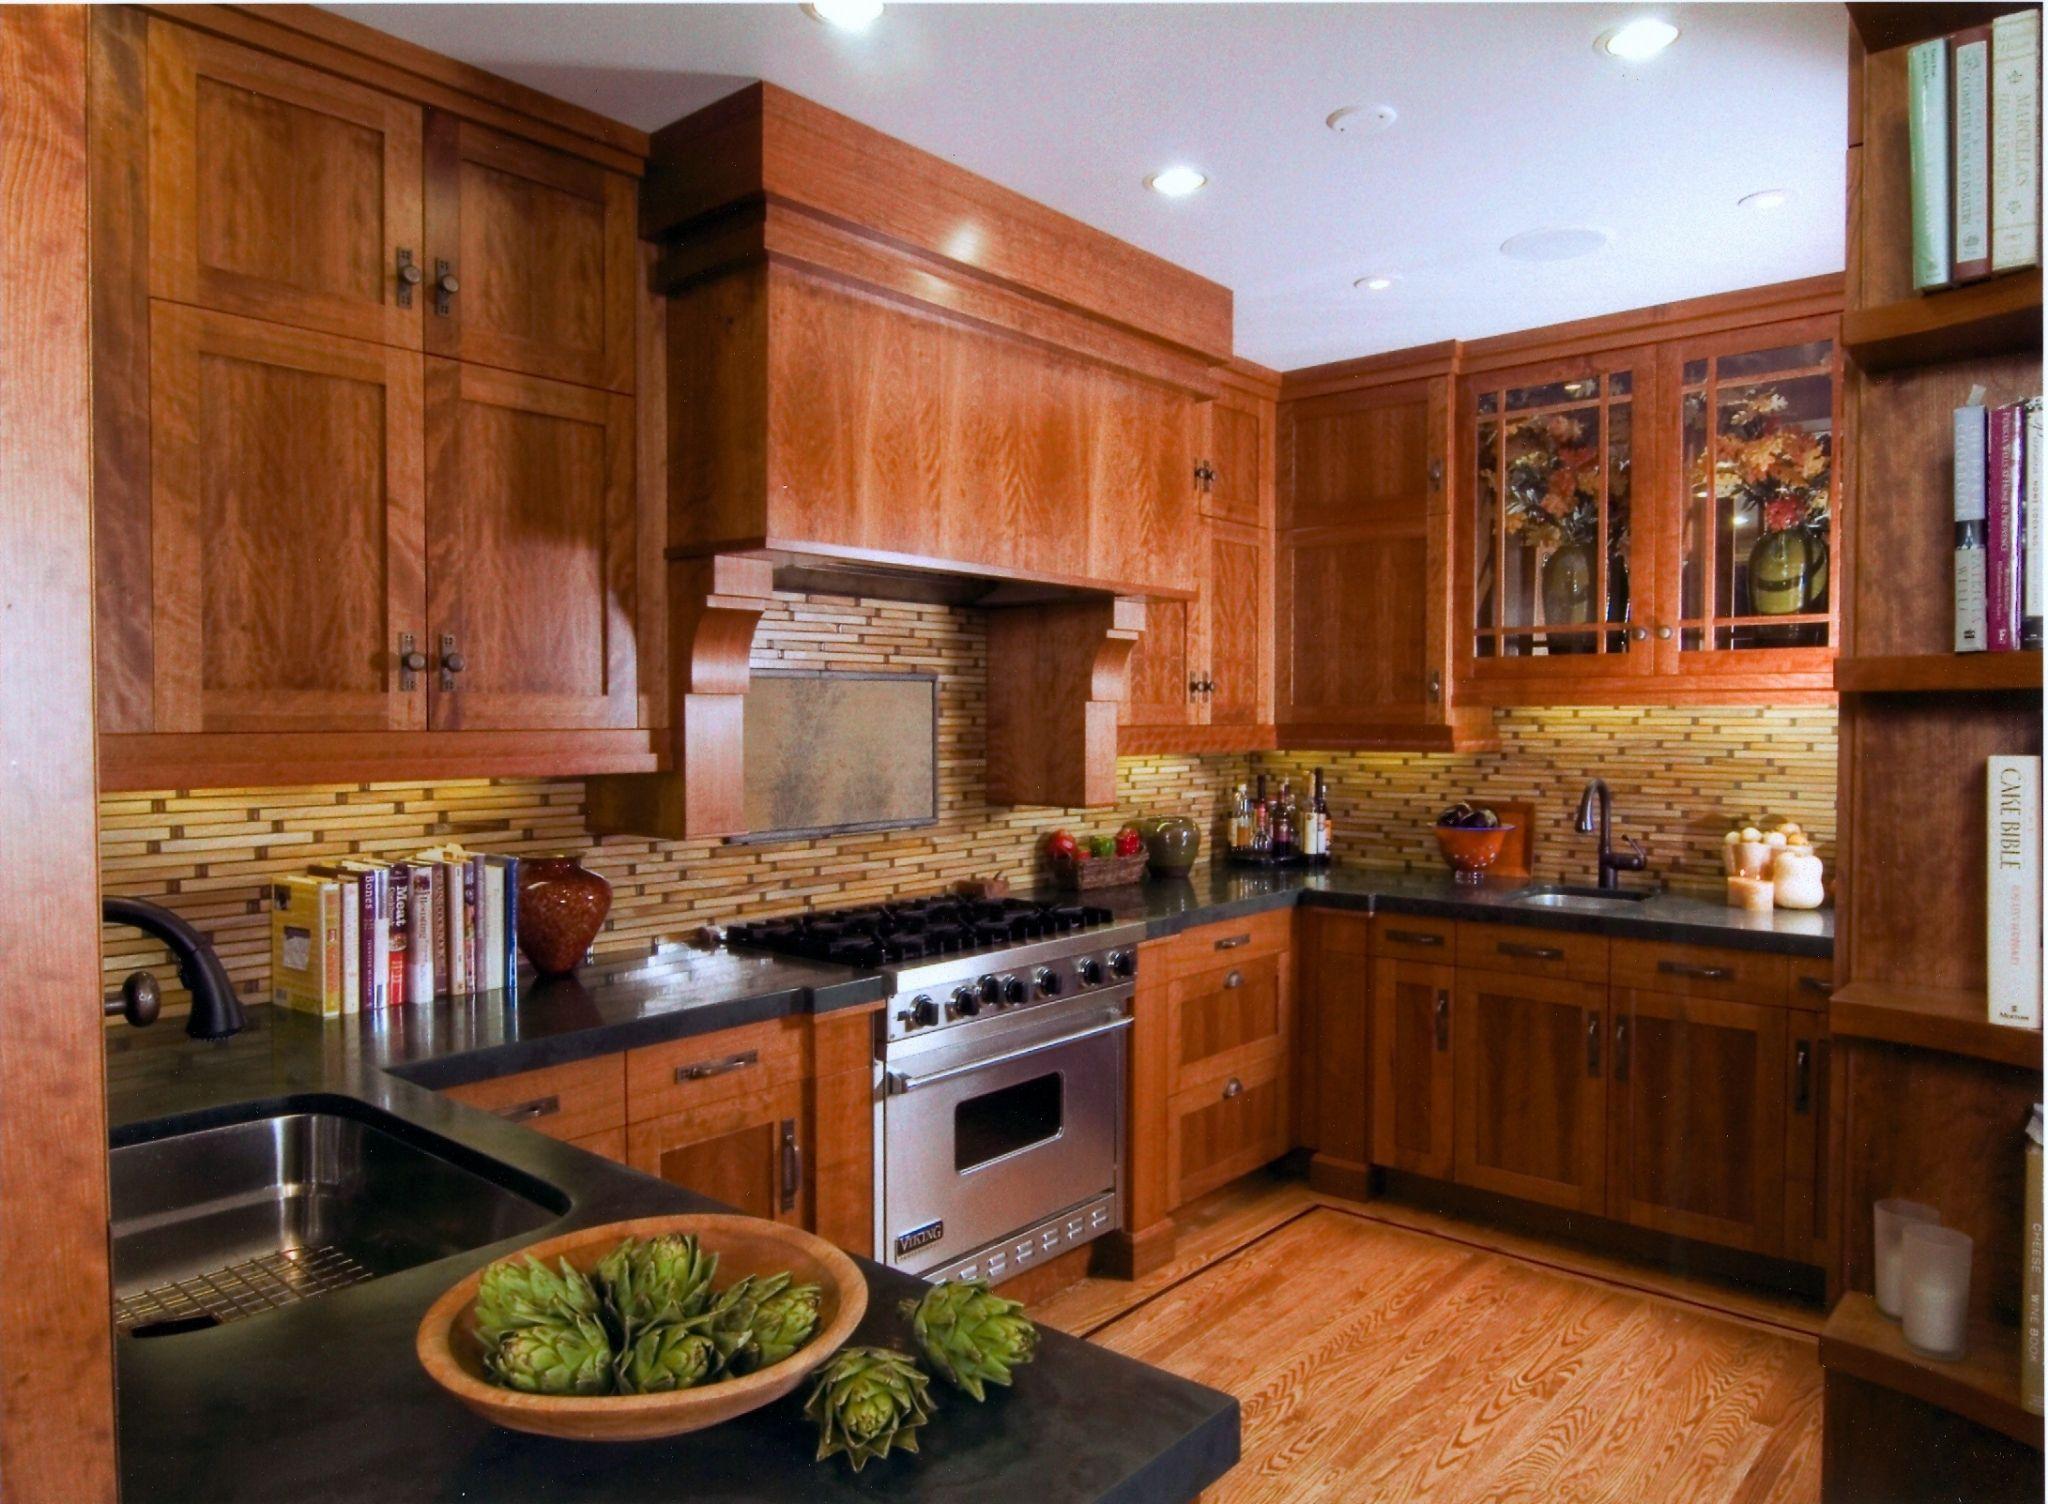 Kraft Kitchen Cabinets - Best Home Interior •